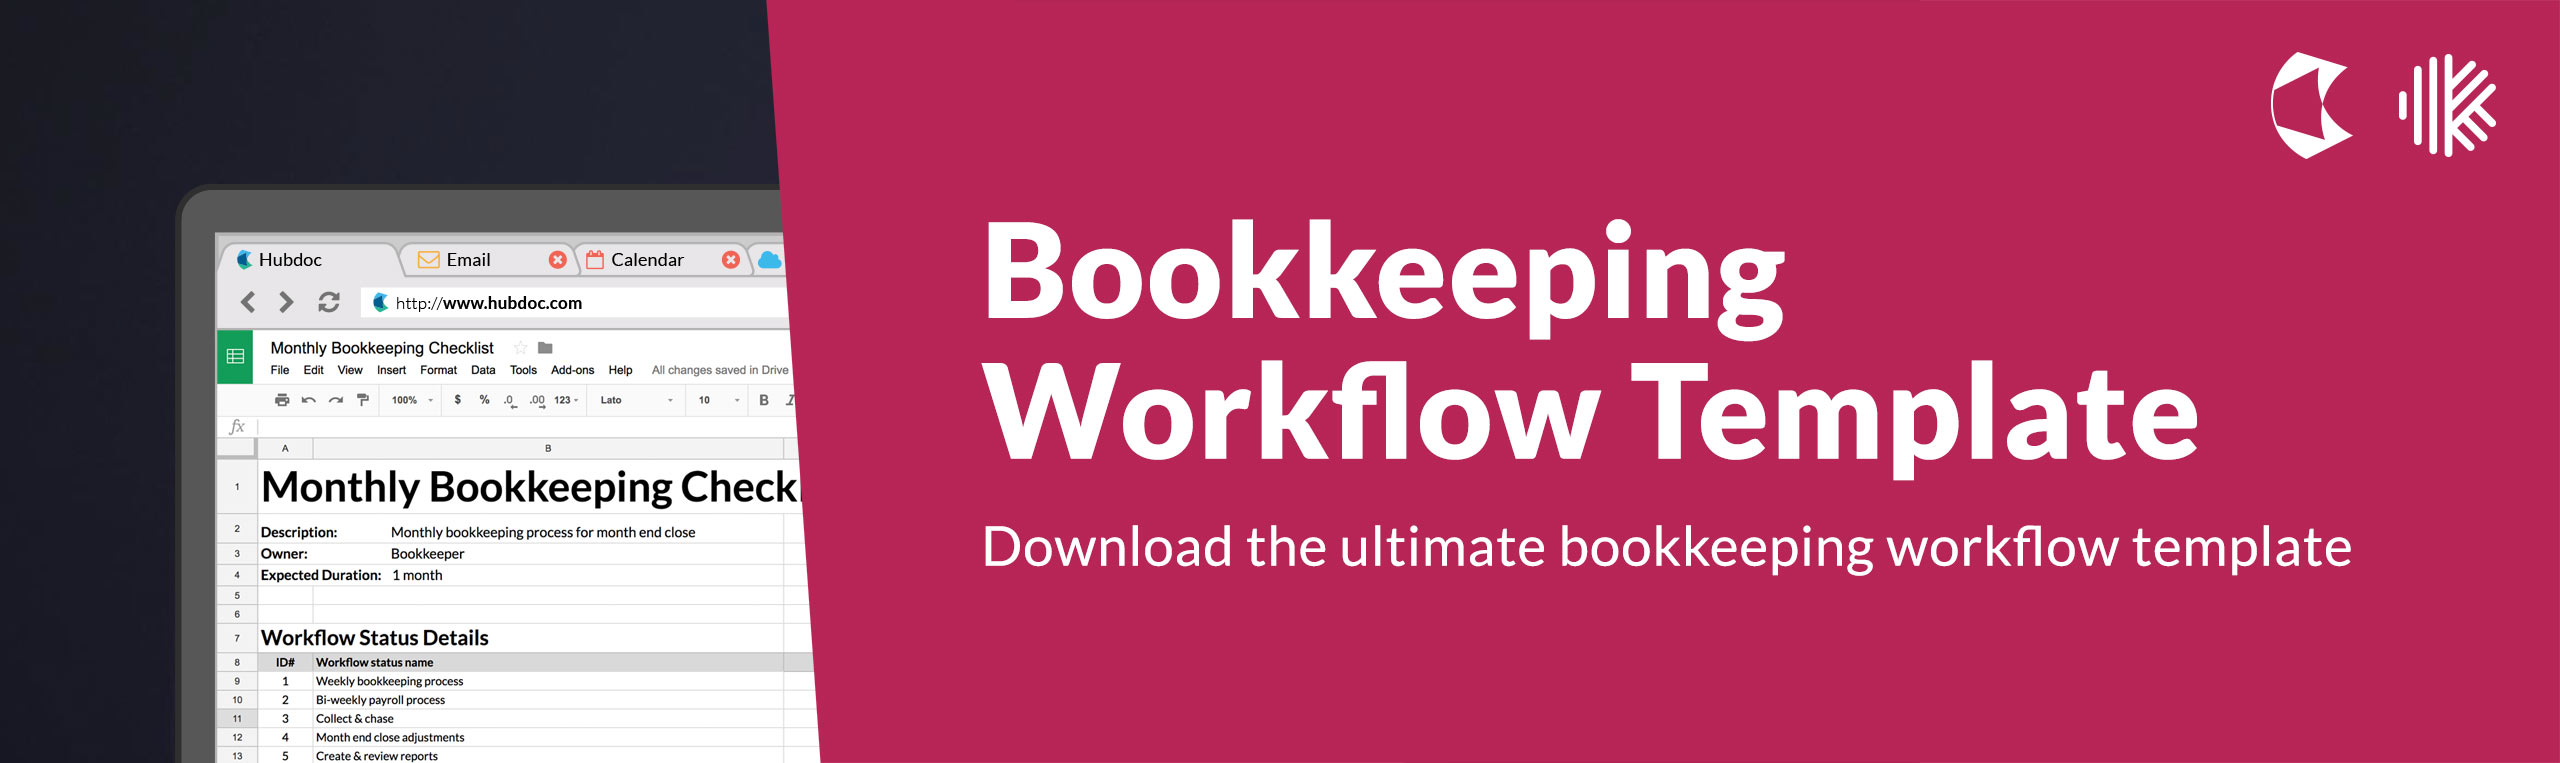 Workflow Template.jpg